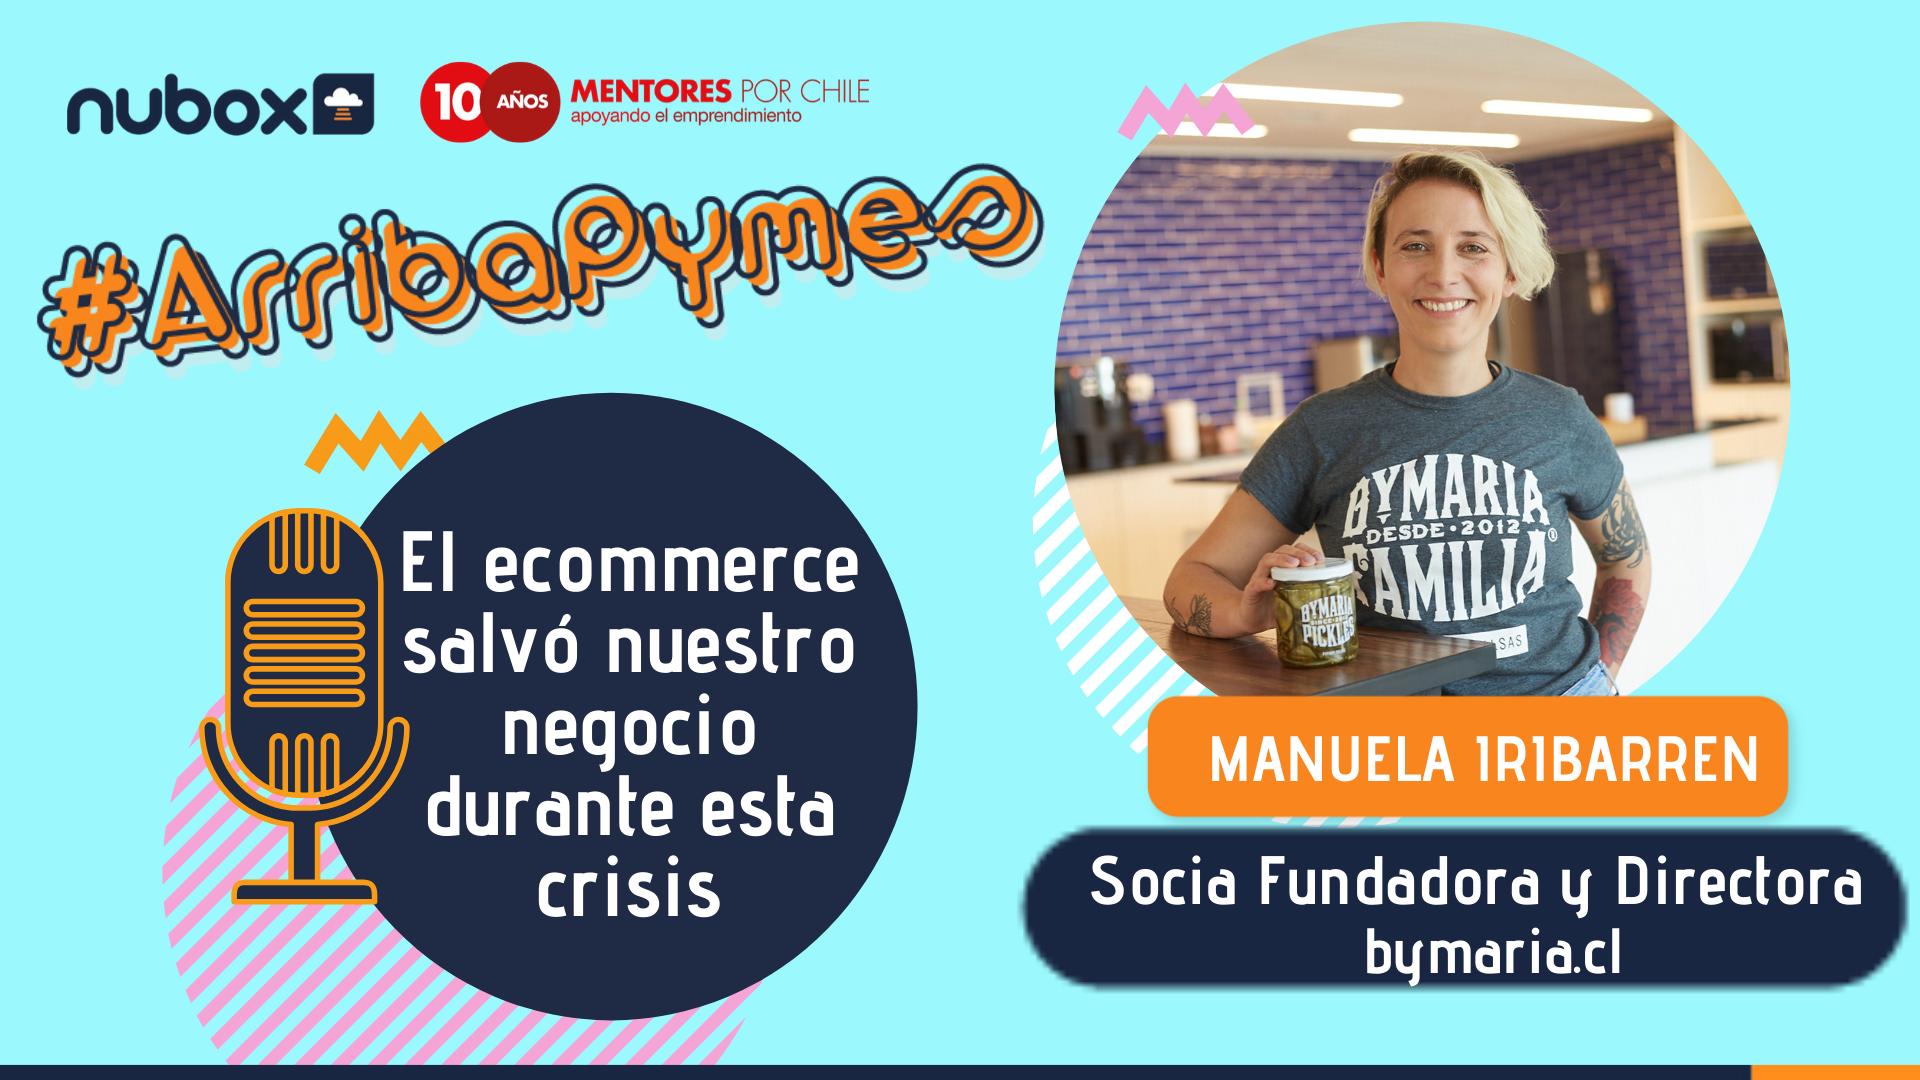 Manuela Iribarren: El ecommerce salvó nuestro negocio durante esta crisis